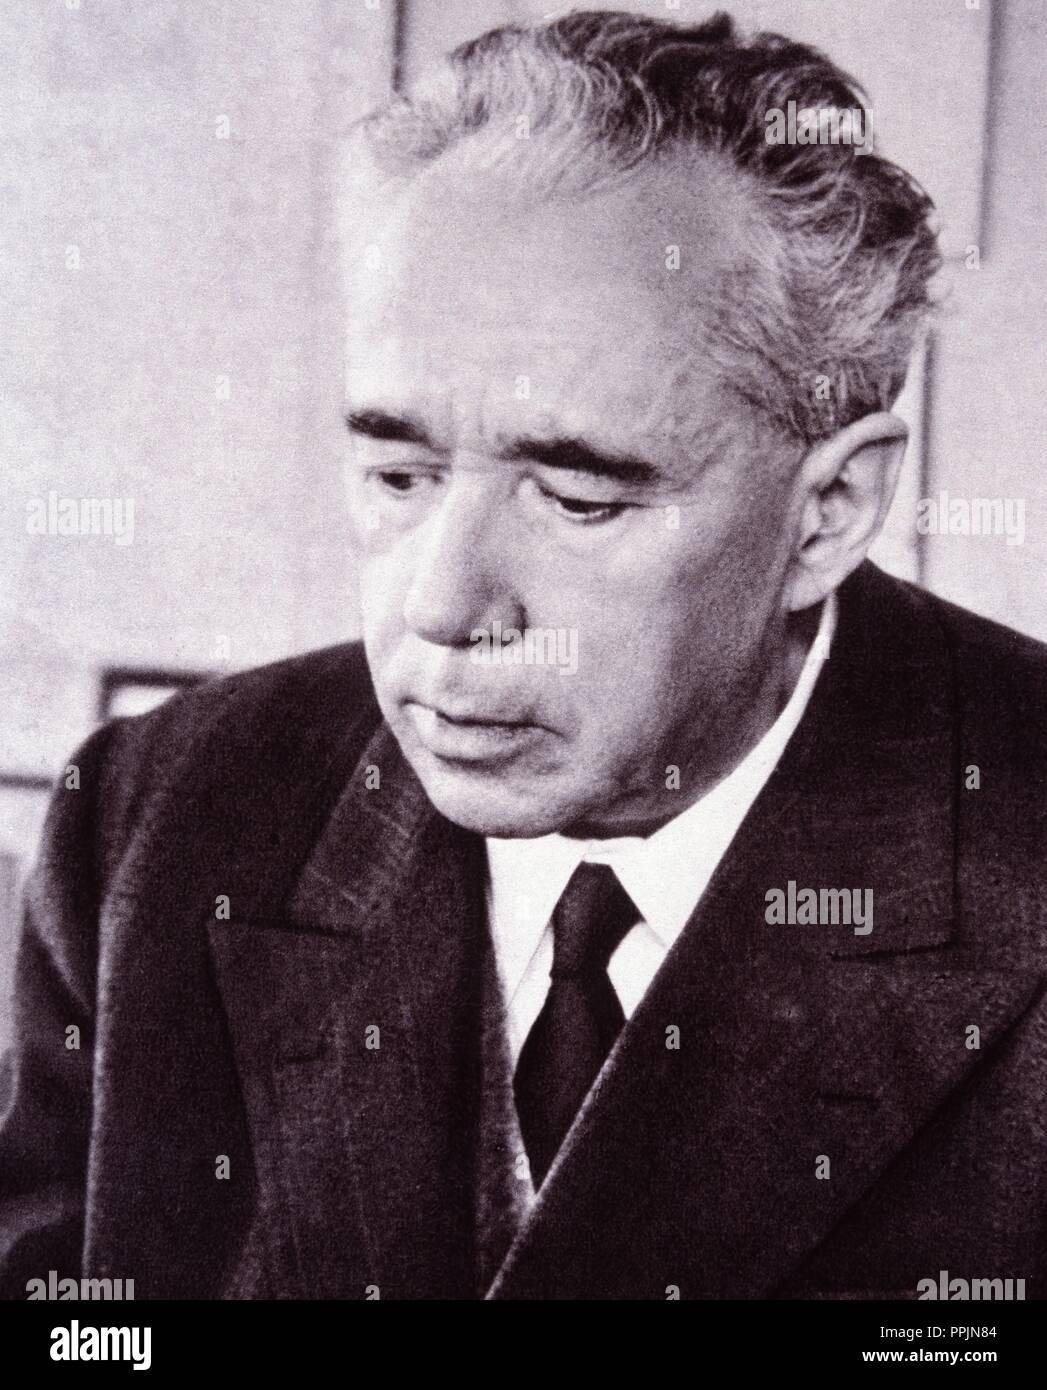 ITALIAN CHEMIST 1903 1979 NOBEL PRIZE FOR CHEMISTRY IN 1963 PHOTO REPRODUCTION